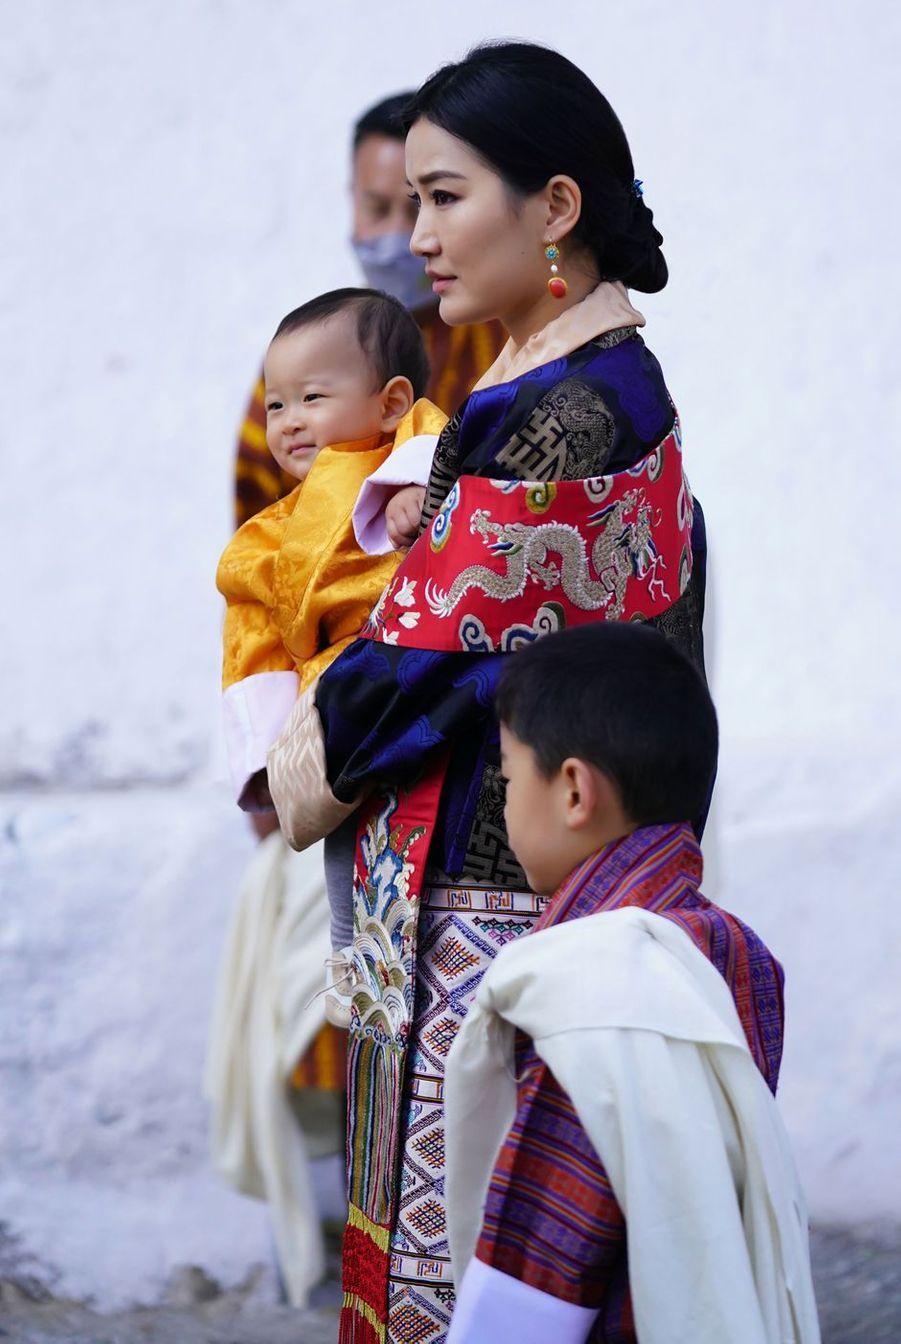 La reine du Bhoutan Jetsun Pema avec ses fils les princes Jigme Namgyel et Jigme Ugyen à Punakha, le 17 décembre 2020